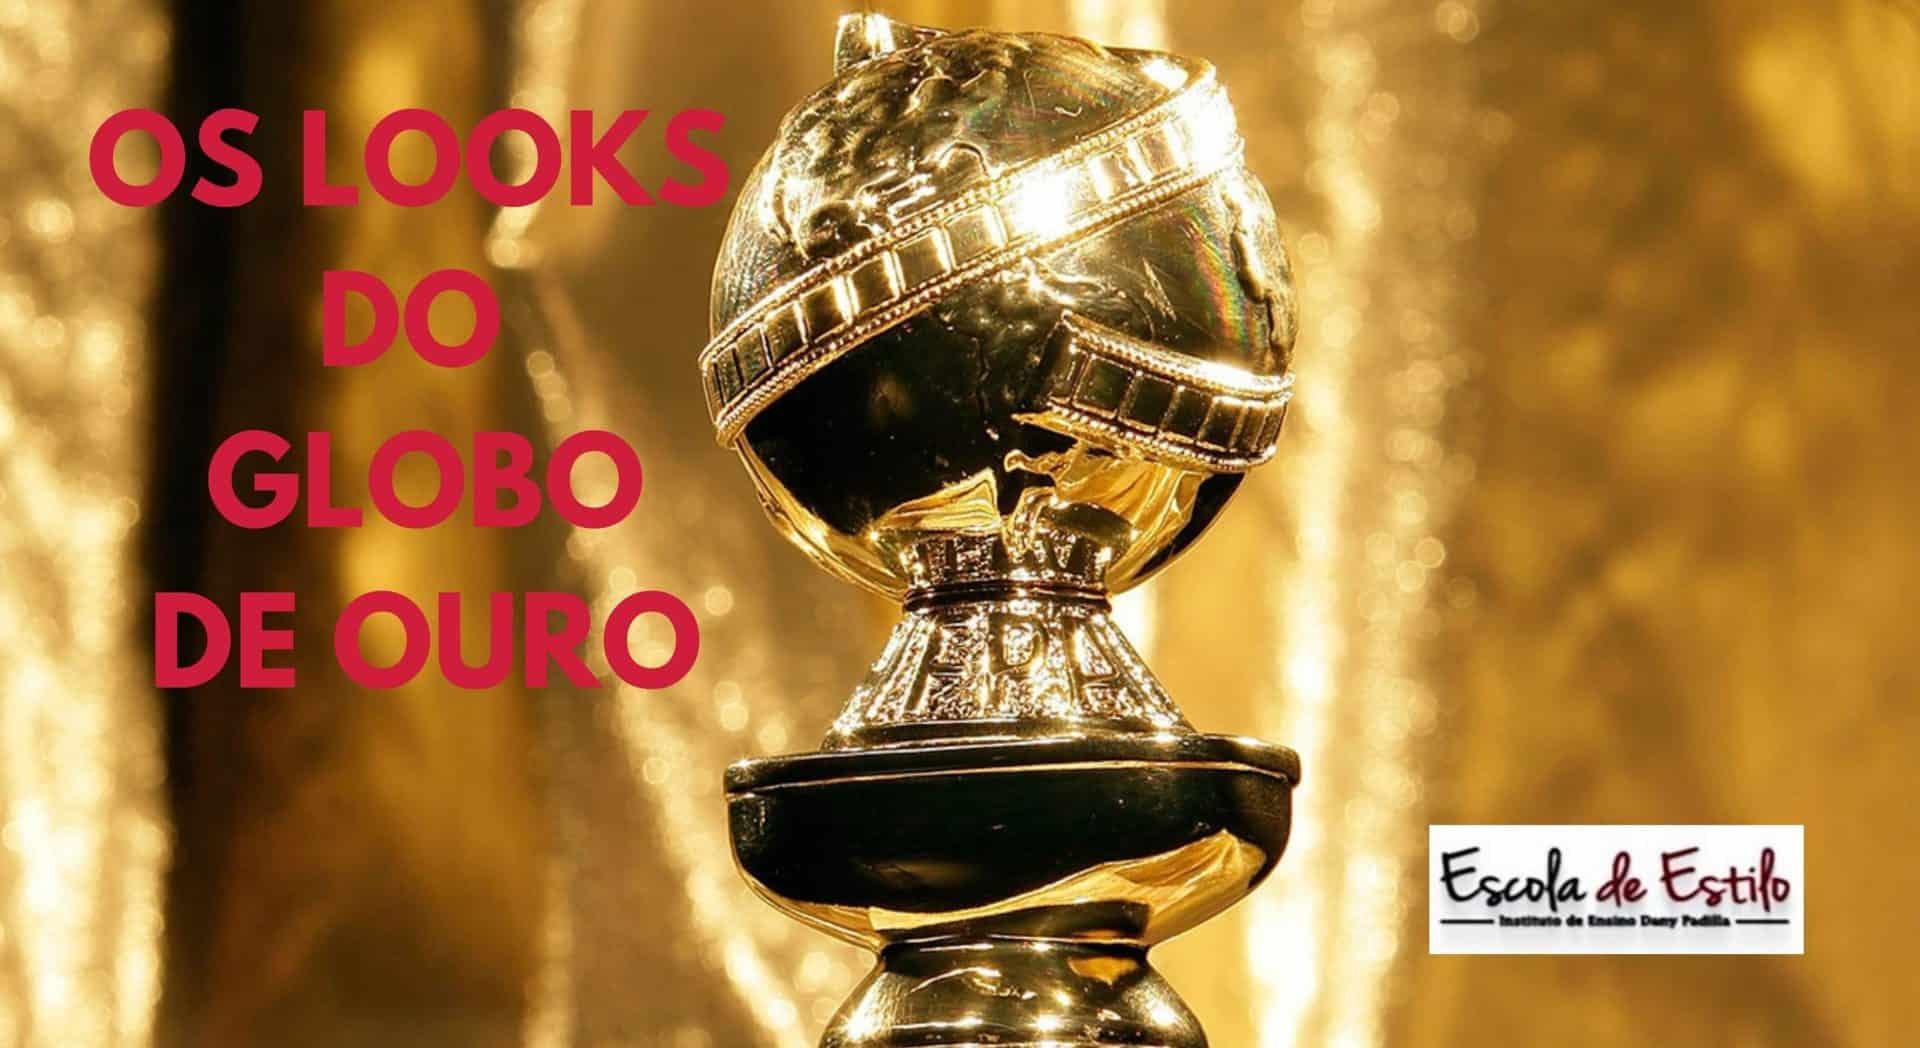 Capa Globo de Ouro